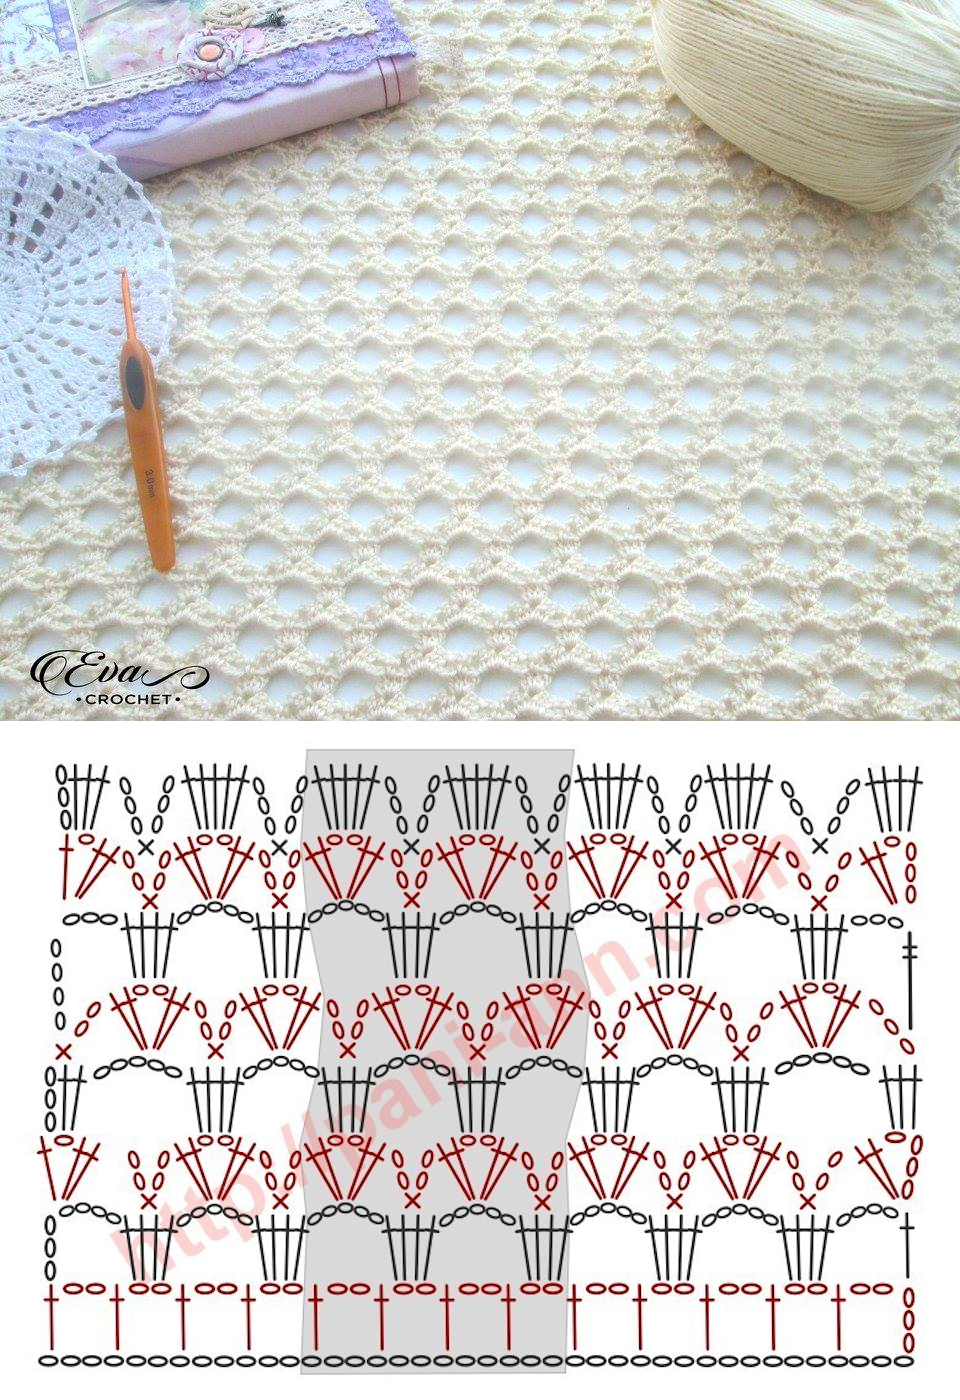 Crochet Lacy Stitch | yarnalcoholic and proud :) | Pinterest ...